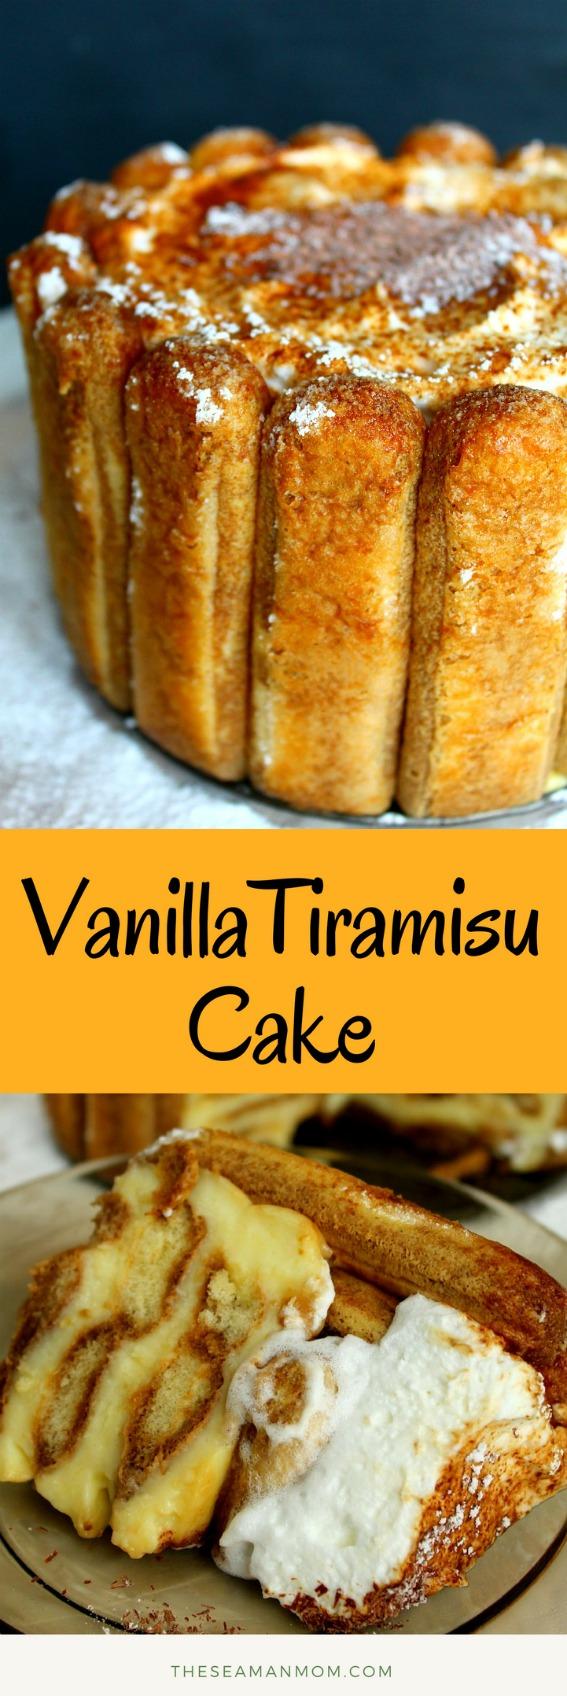 Vanilla tiramisu recipe